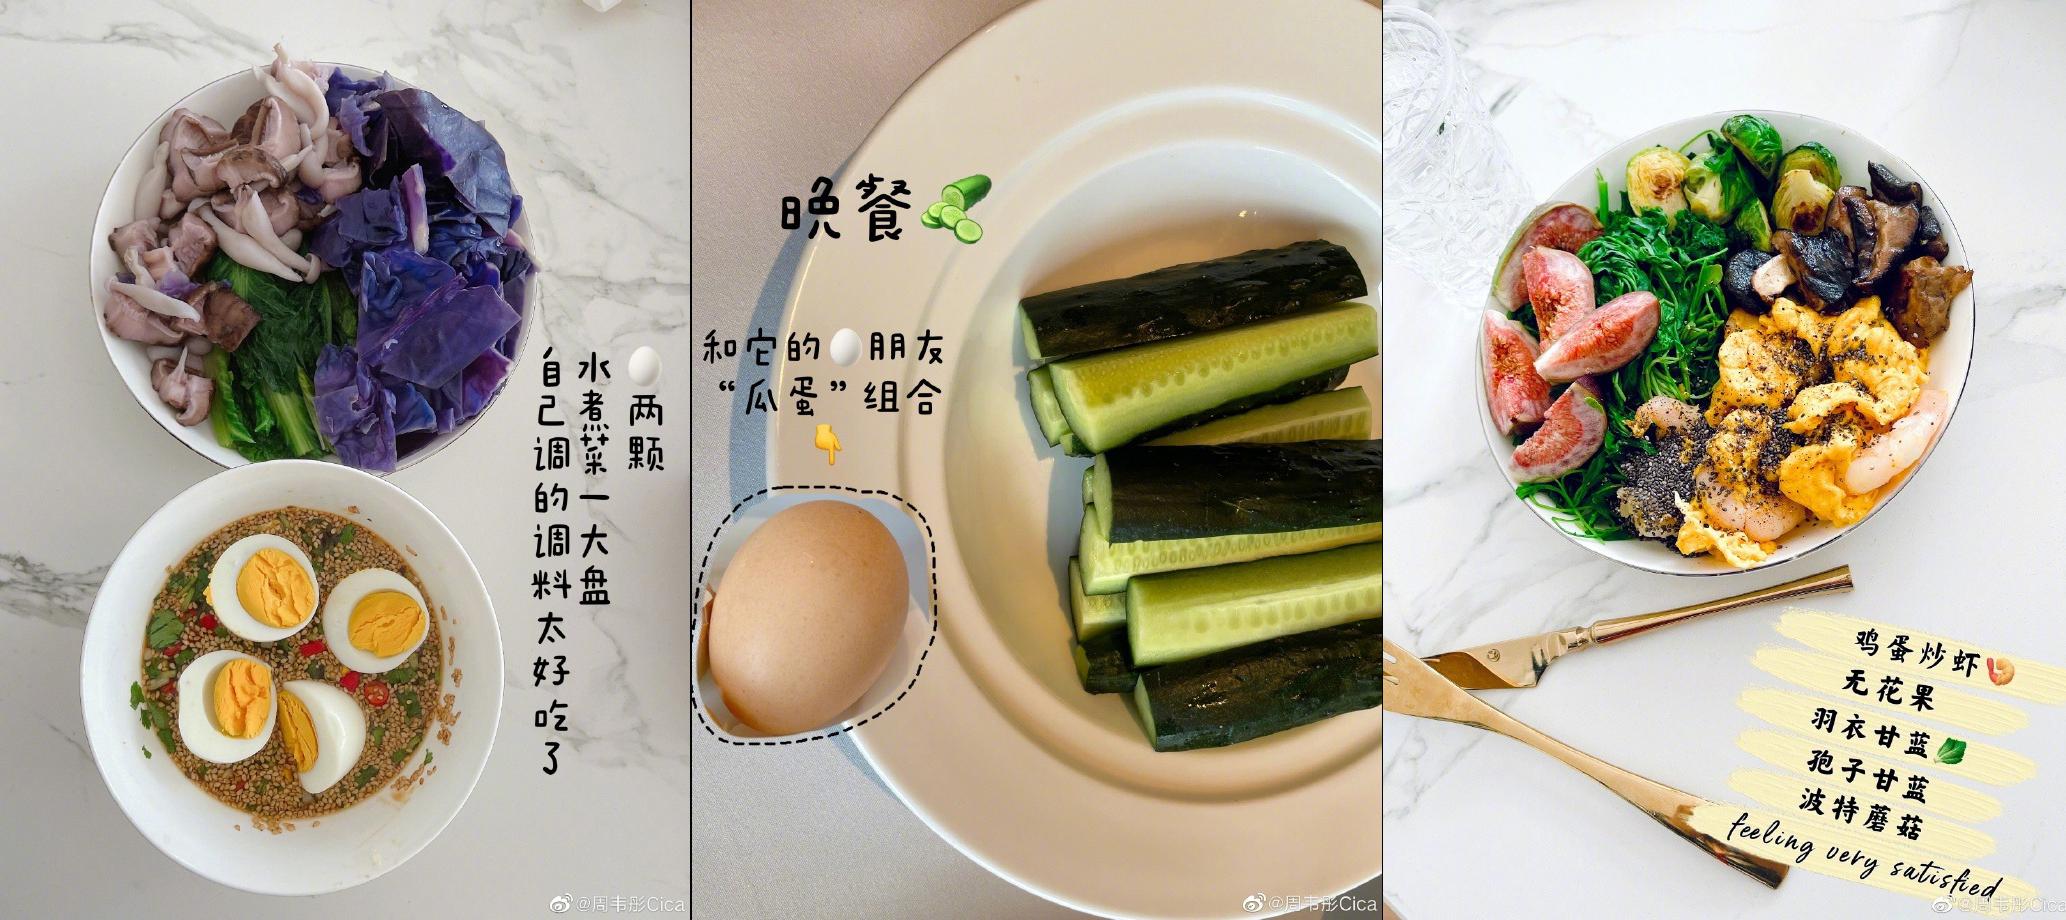 Một vài món điển hình trong giai đoạn 3 của Zhou Weitong.